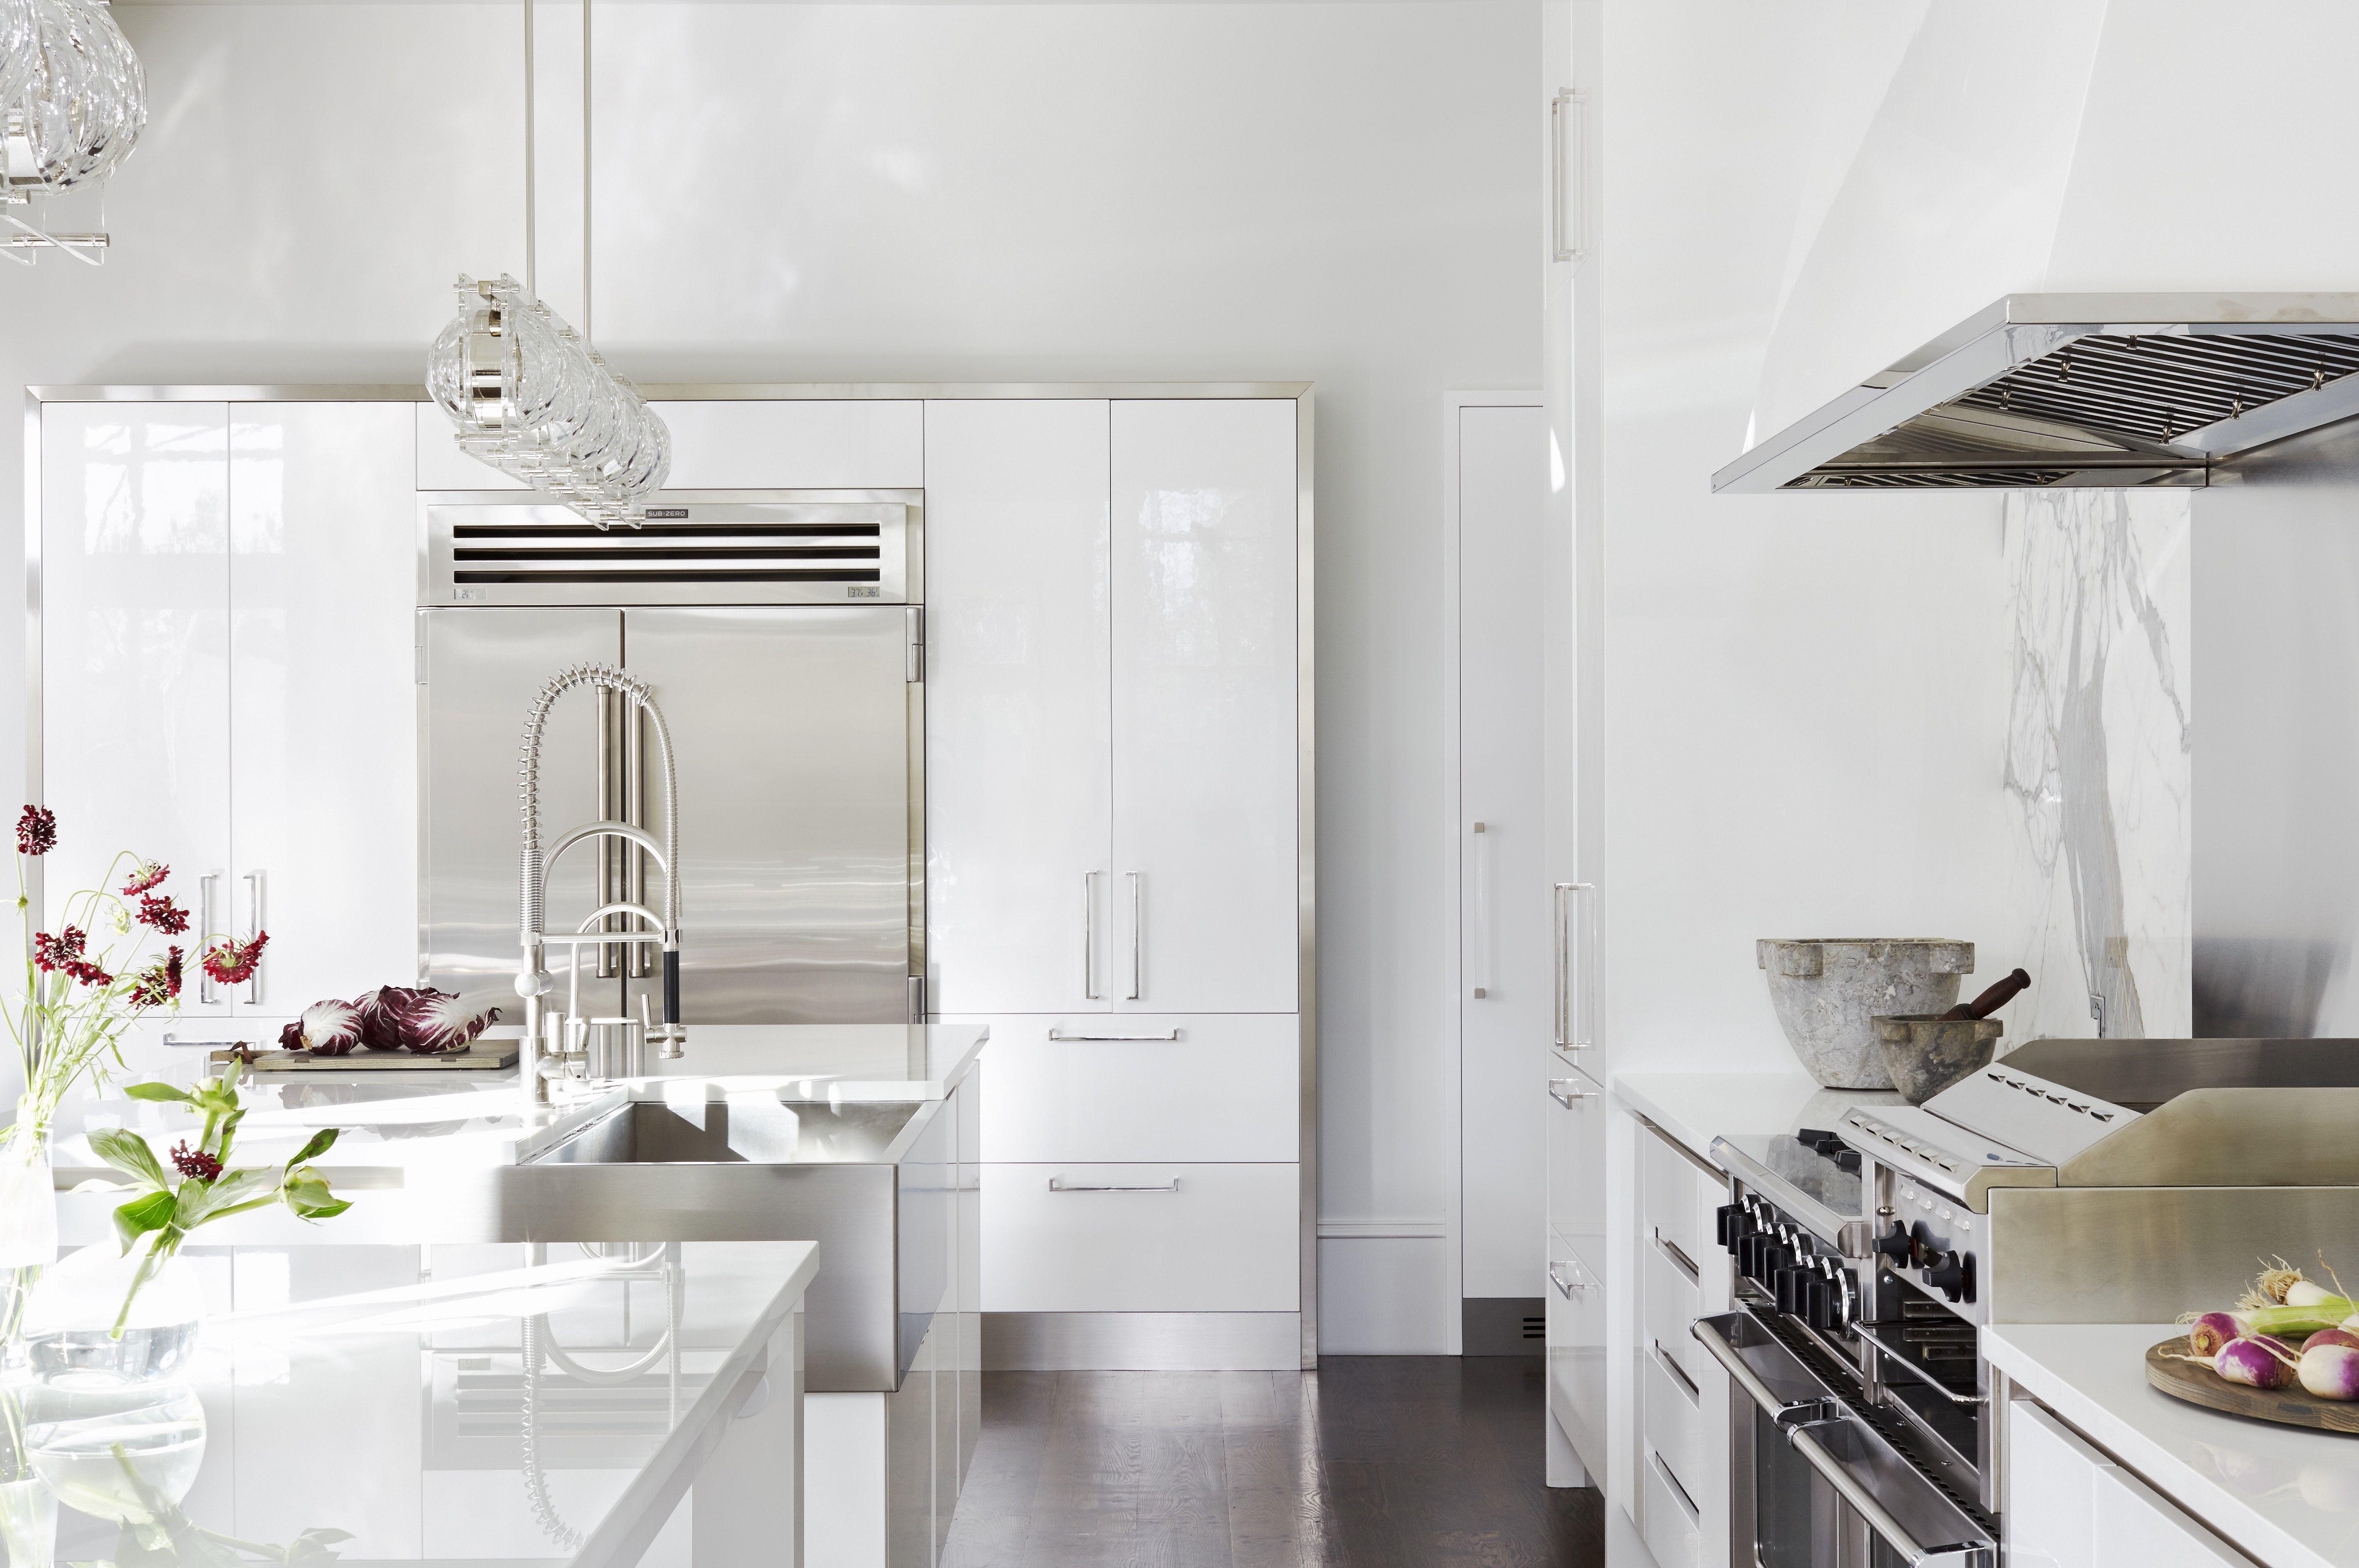 Contemporary Kitchen With Glossy White Cabinets And Steel Apron Sink White Glossy Kitchen White Modern Kitchen Interior Design Kitchen